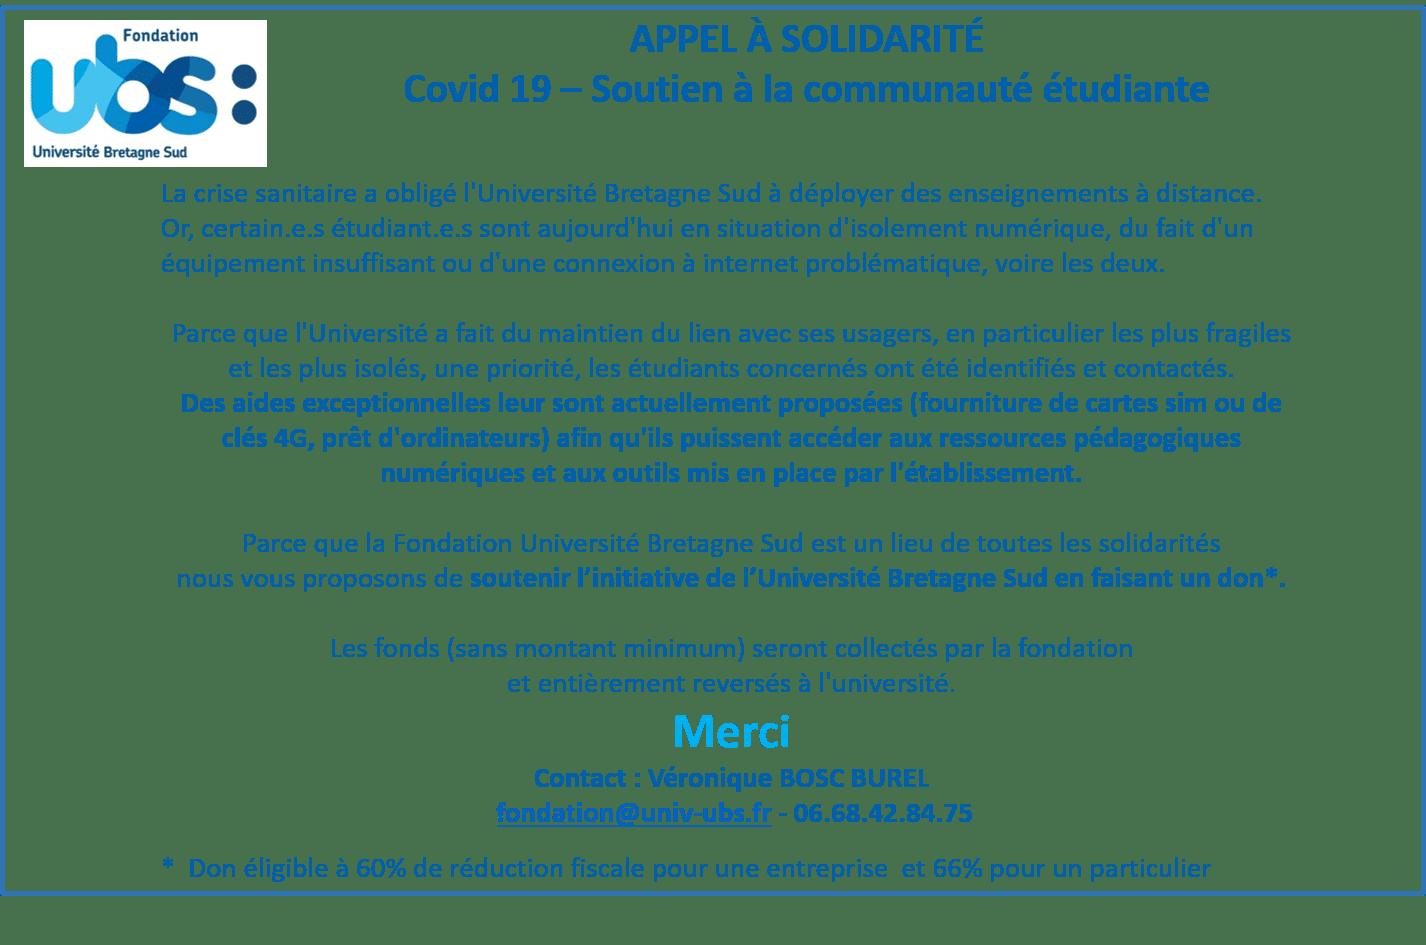 COVID-19   Appel à la solidarité Université Bretagne Sud – Soutien à la communauté étudiante